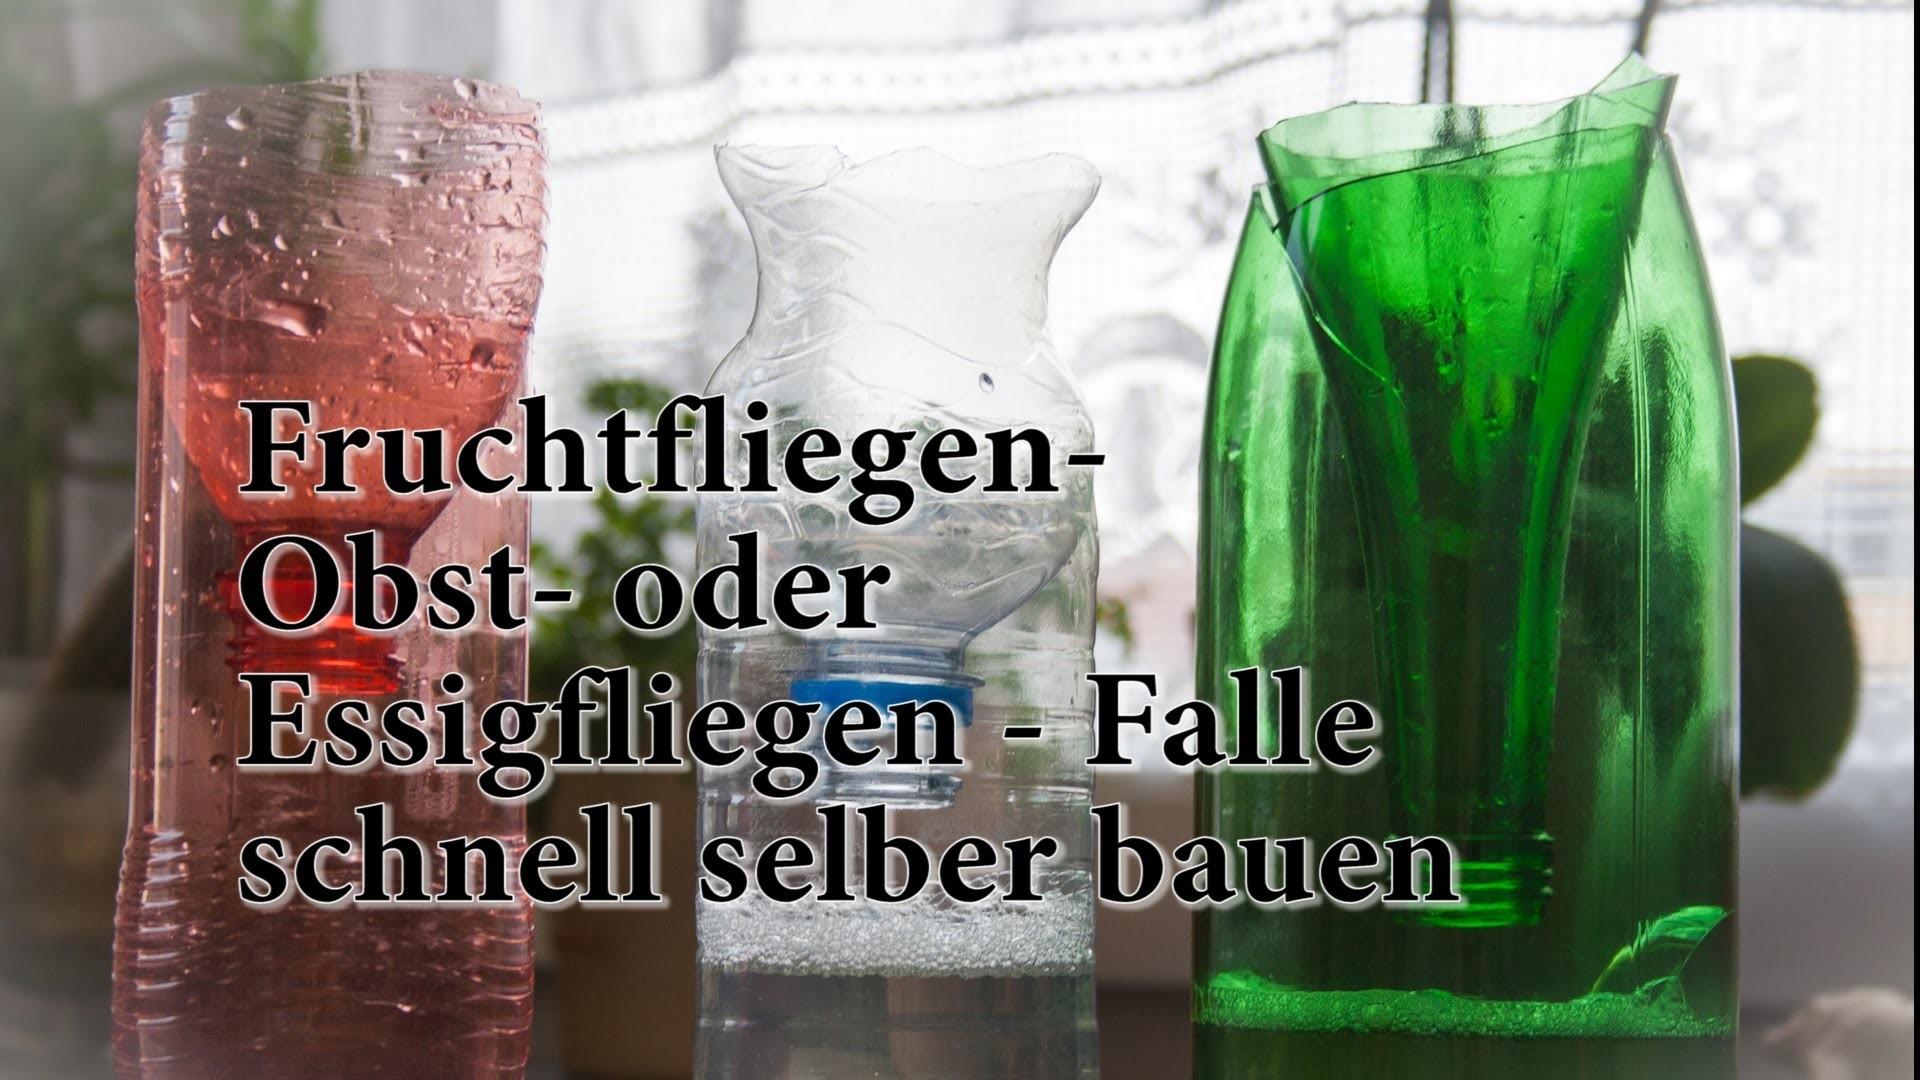 Fruchtfliegen - Falle aus PET Flasche basteln